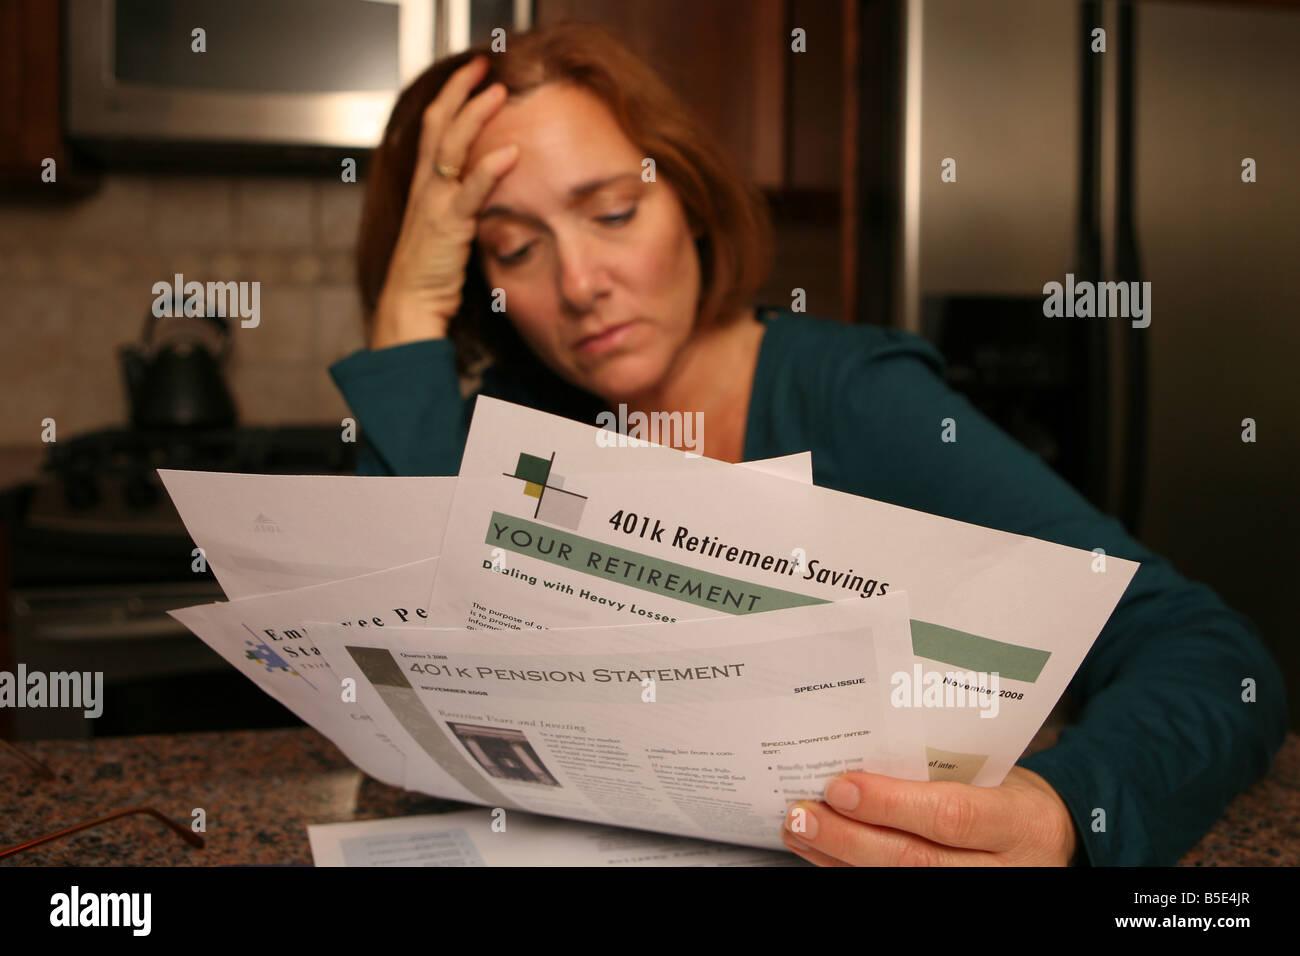 Una mujer está atenazado por la ansiedad y la preocupación que ella mira sobre sus declaraciones de inversión. Foto de stock